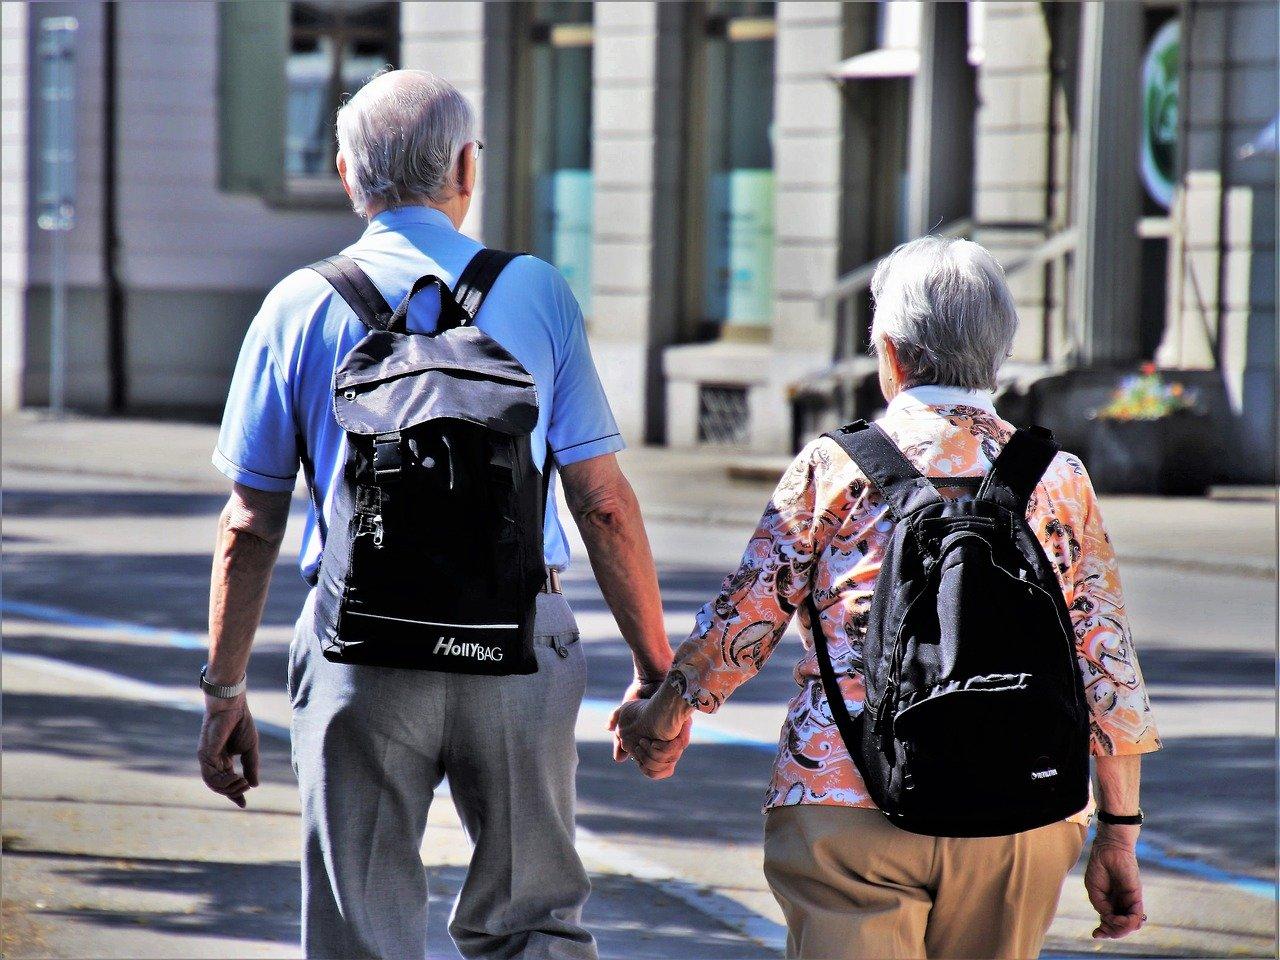 香港老人院收費人們都能負擔得起嗎?